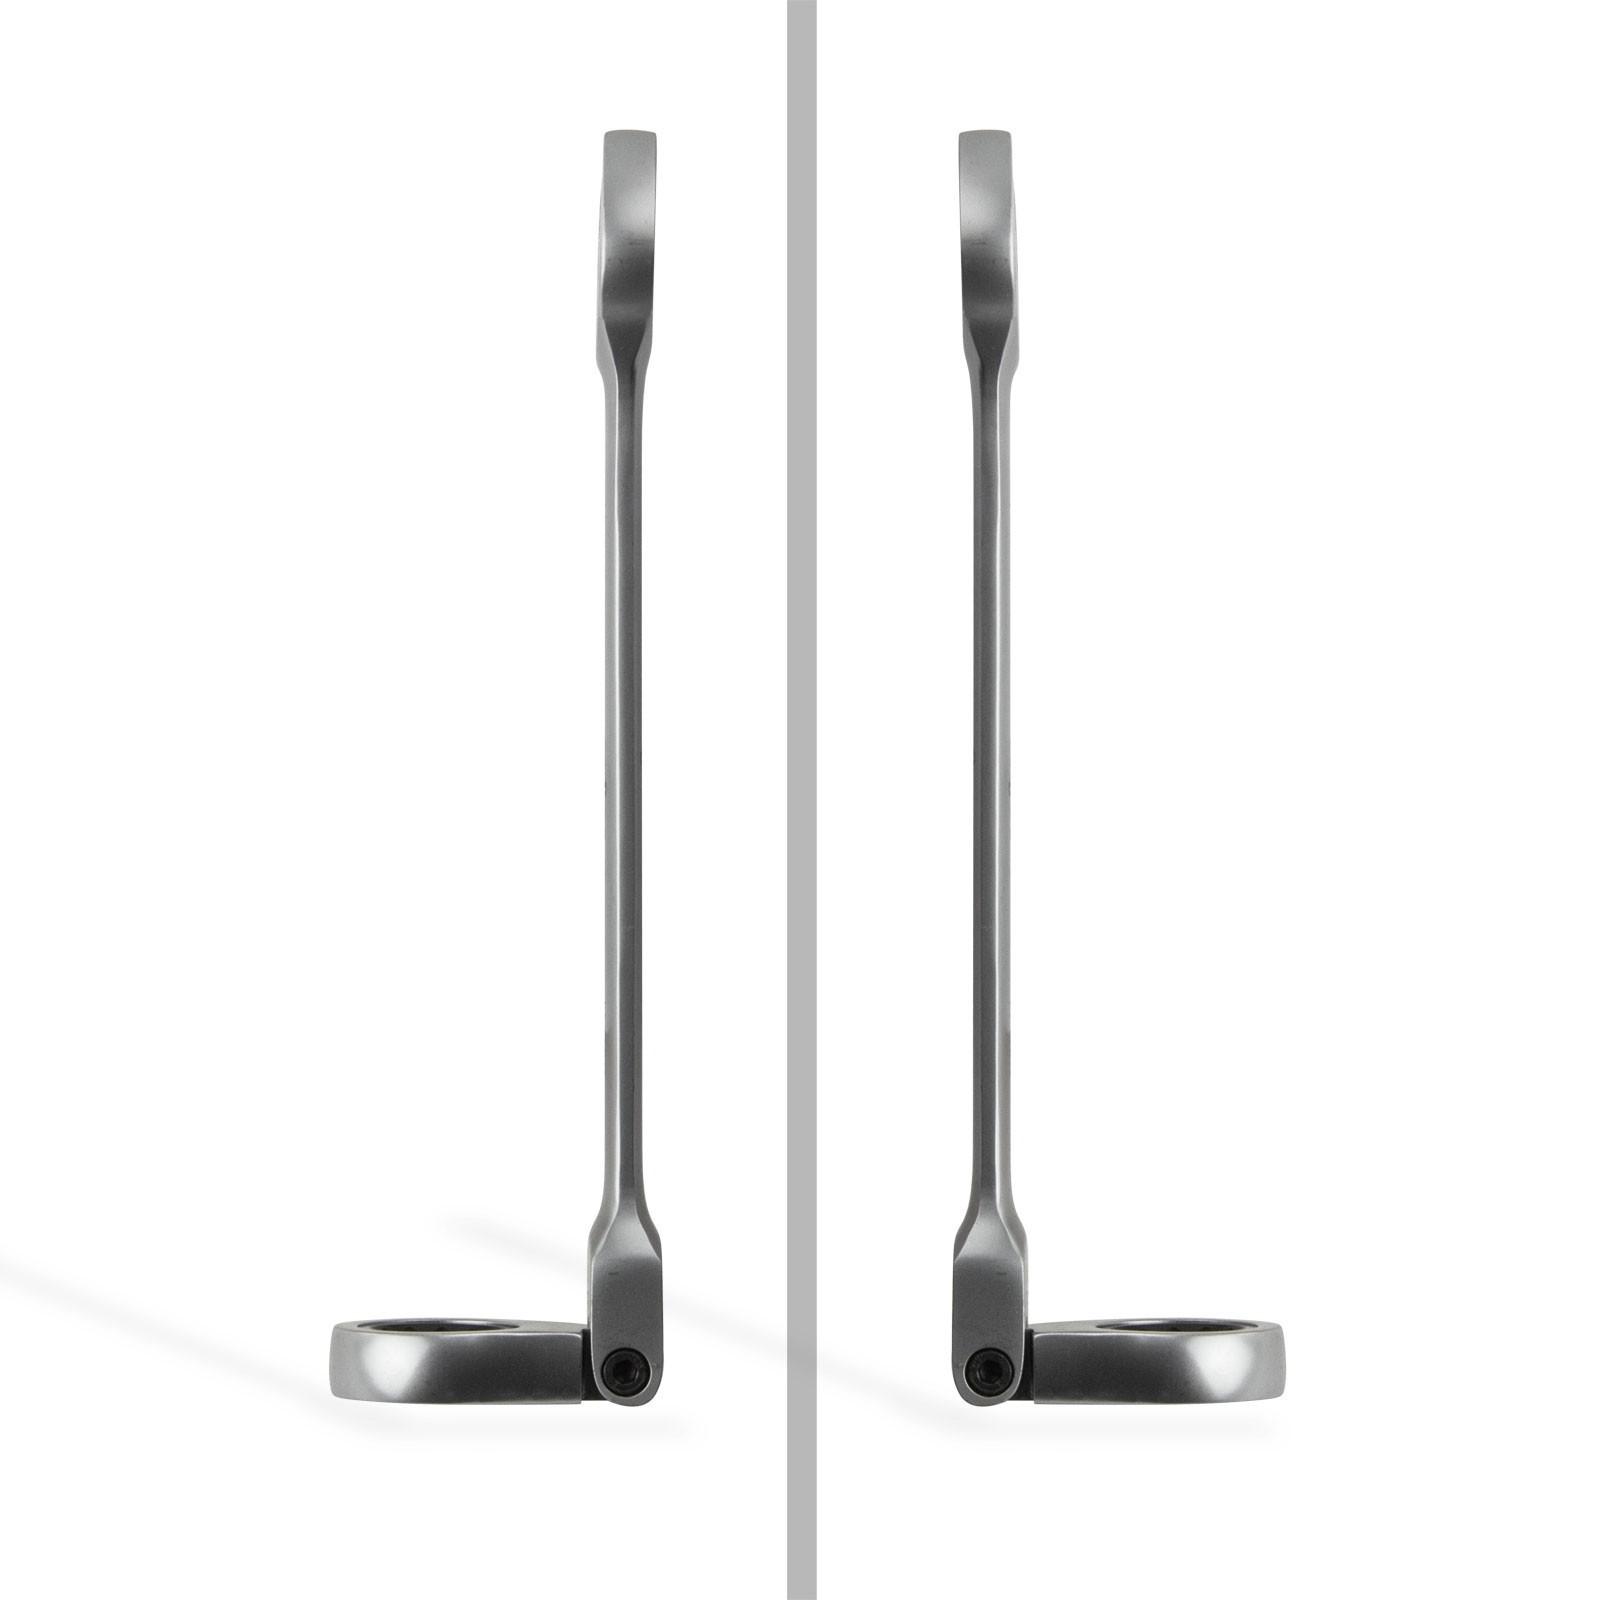 Dema Gelenk- Ratschenringschlüssel / Maul-Ratschenschlüssel 17 mm 21859